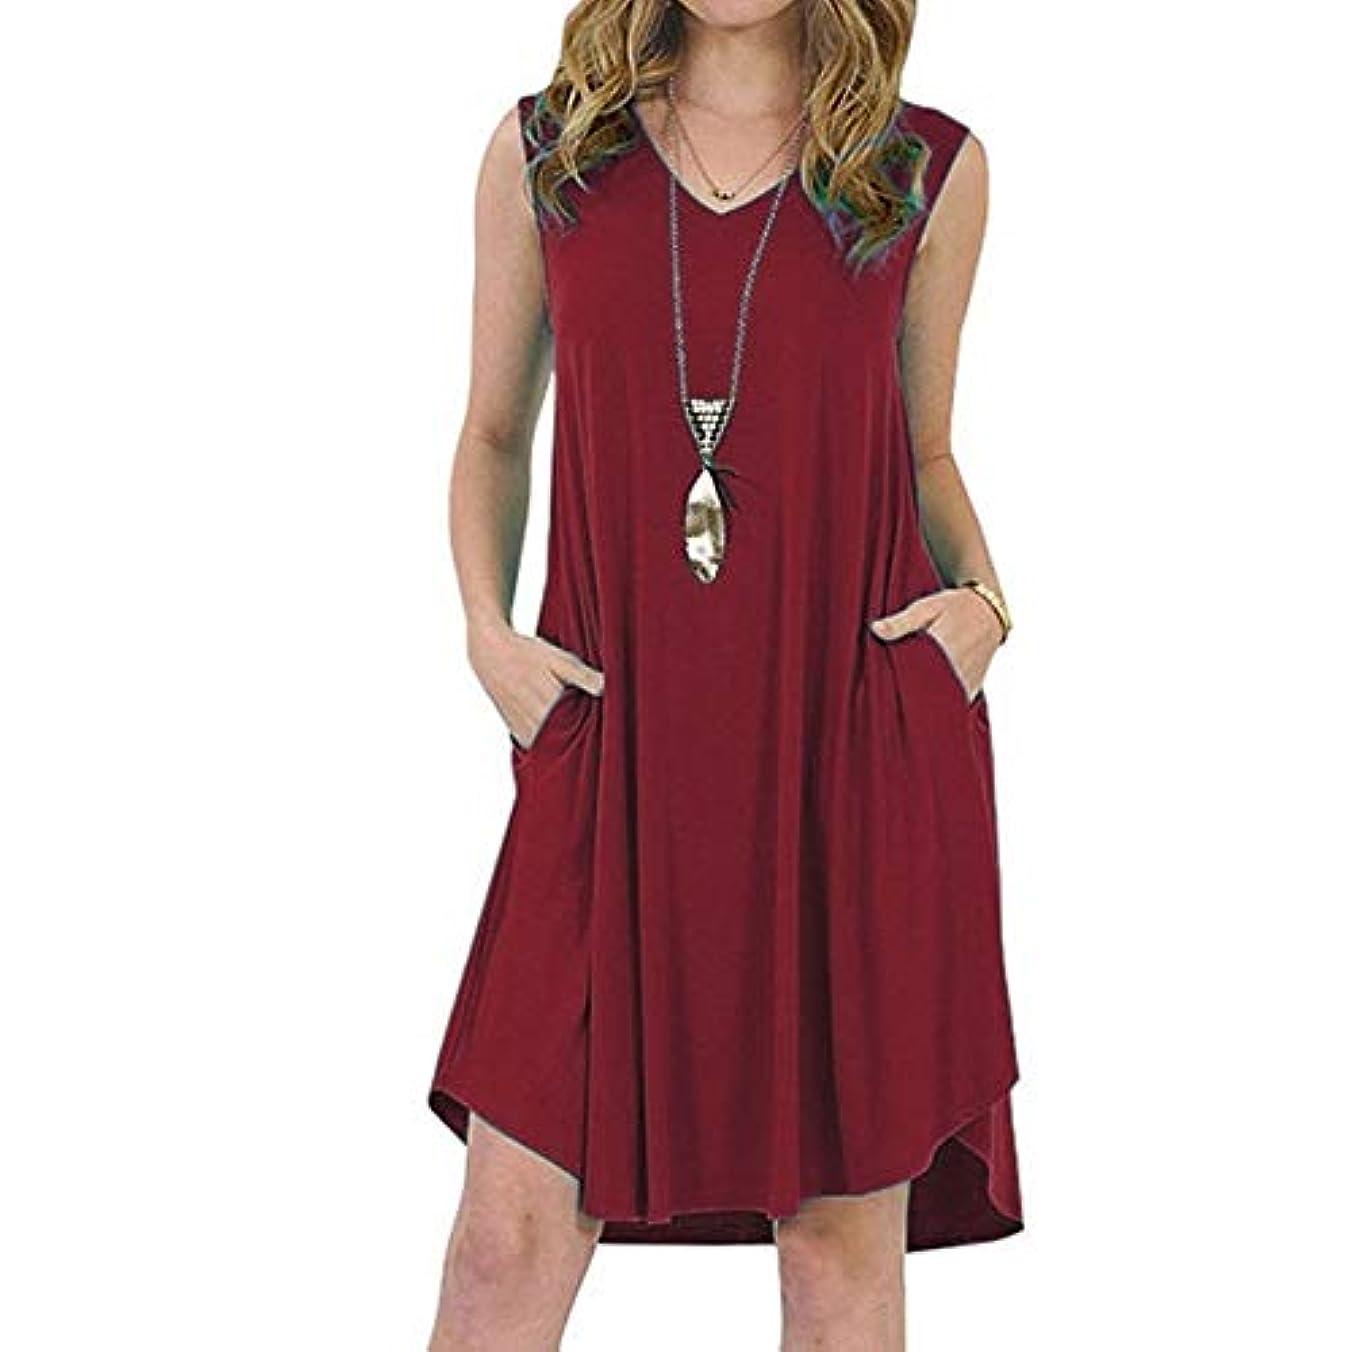 同等の太い非互換MIFAN の女性のドレスカジュアルな不規則なドレスルースサマービーチTシャツドレス